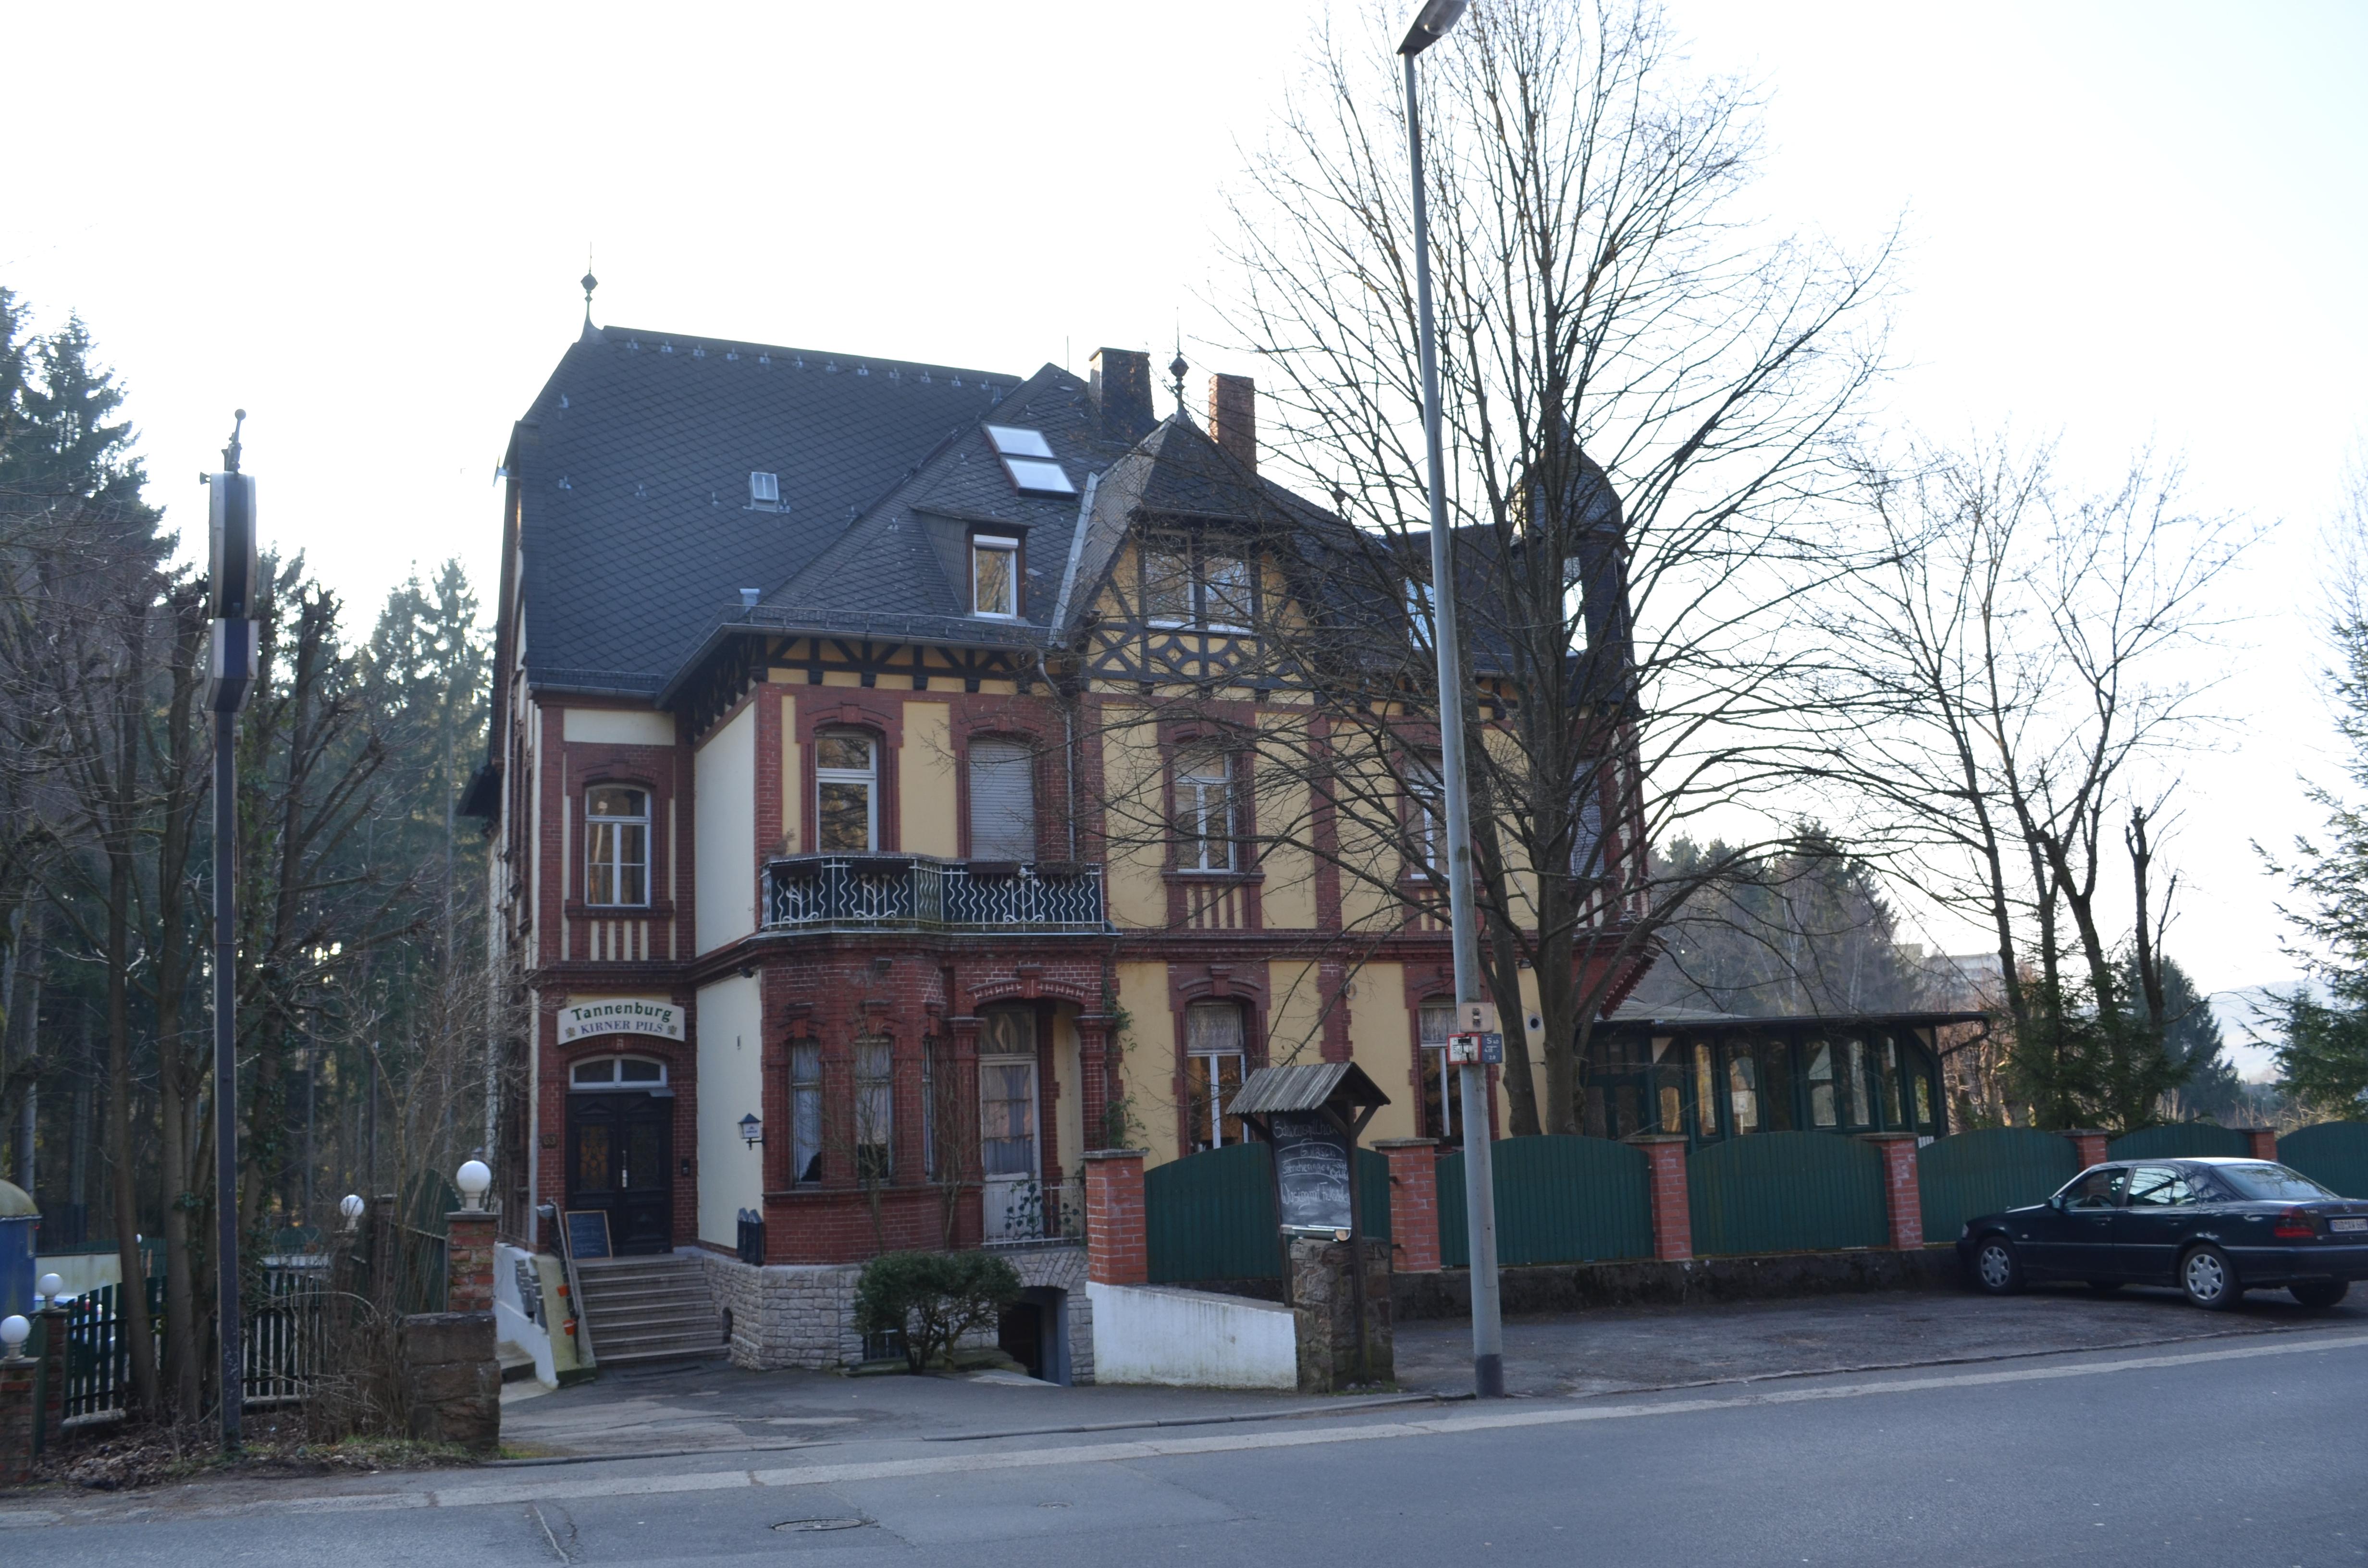 Haus Tannenburg Und Schullandheim Gruppenhausde